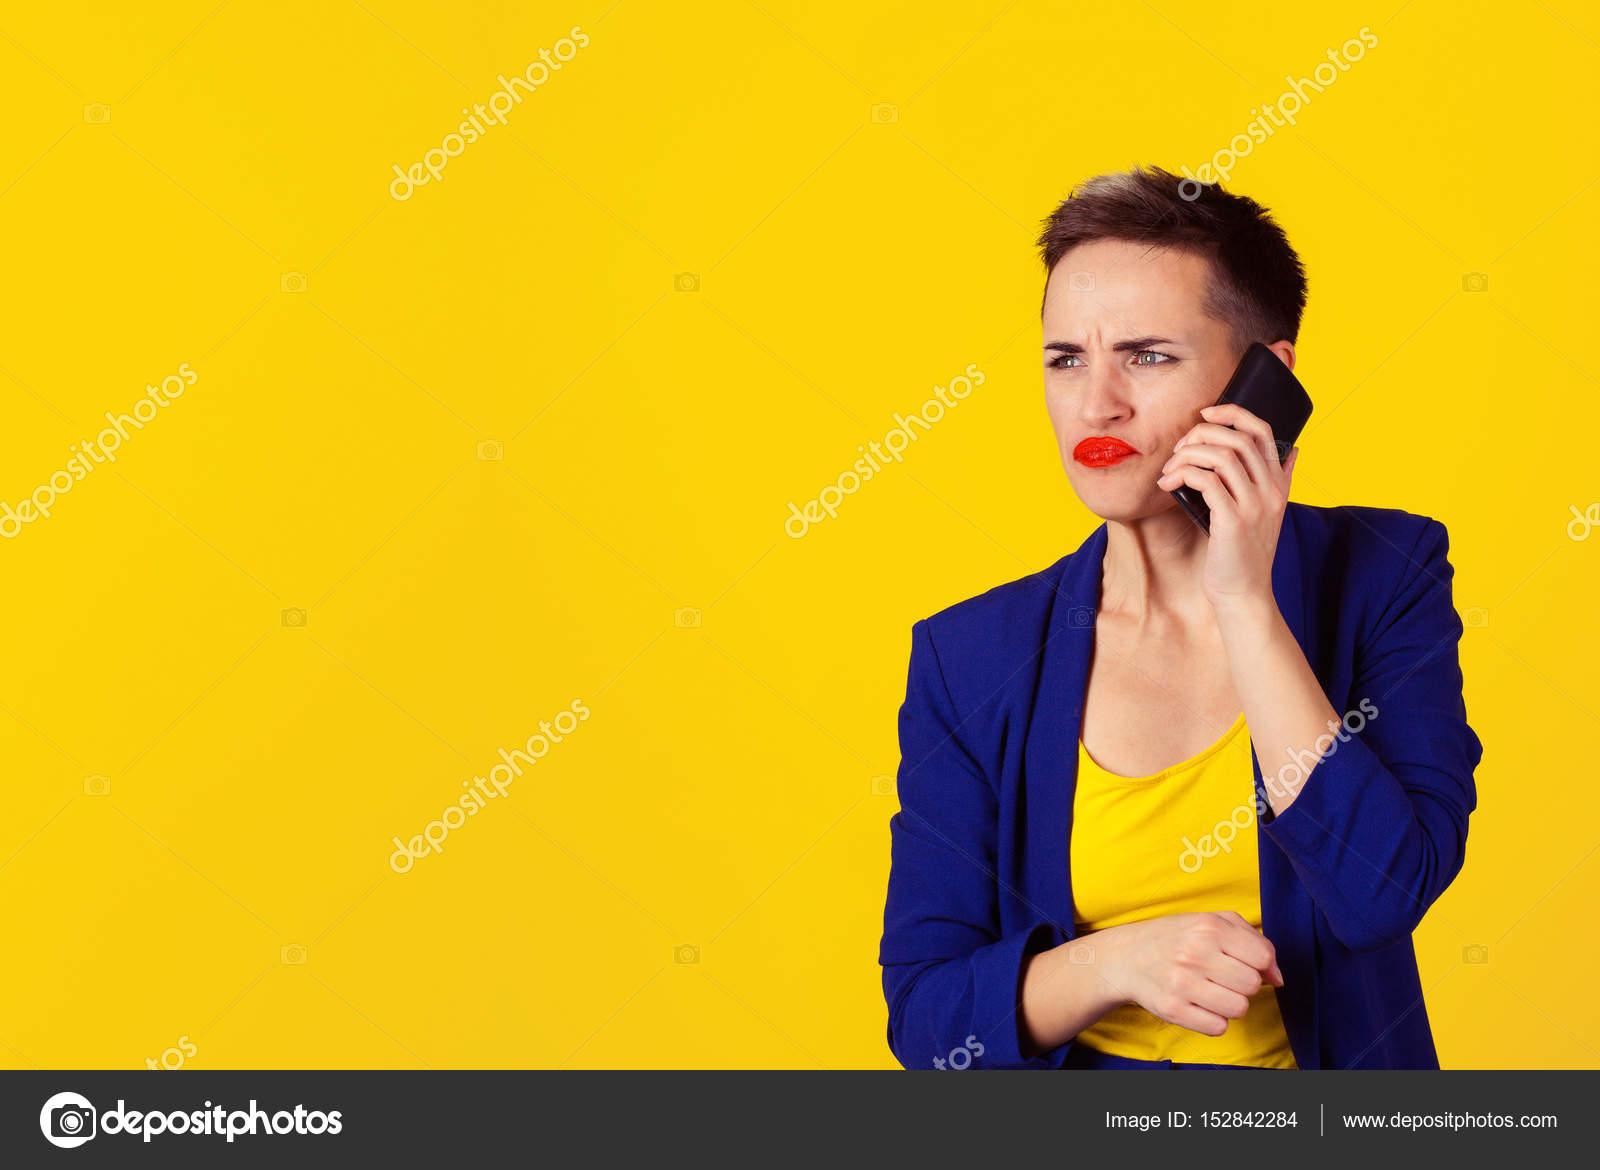 66a2effd9e72 Closeup Retrato mujer joven enojada, adolescente hablando por ...